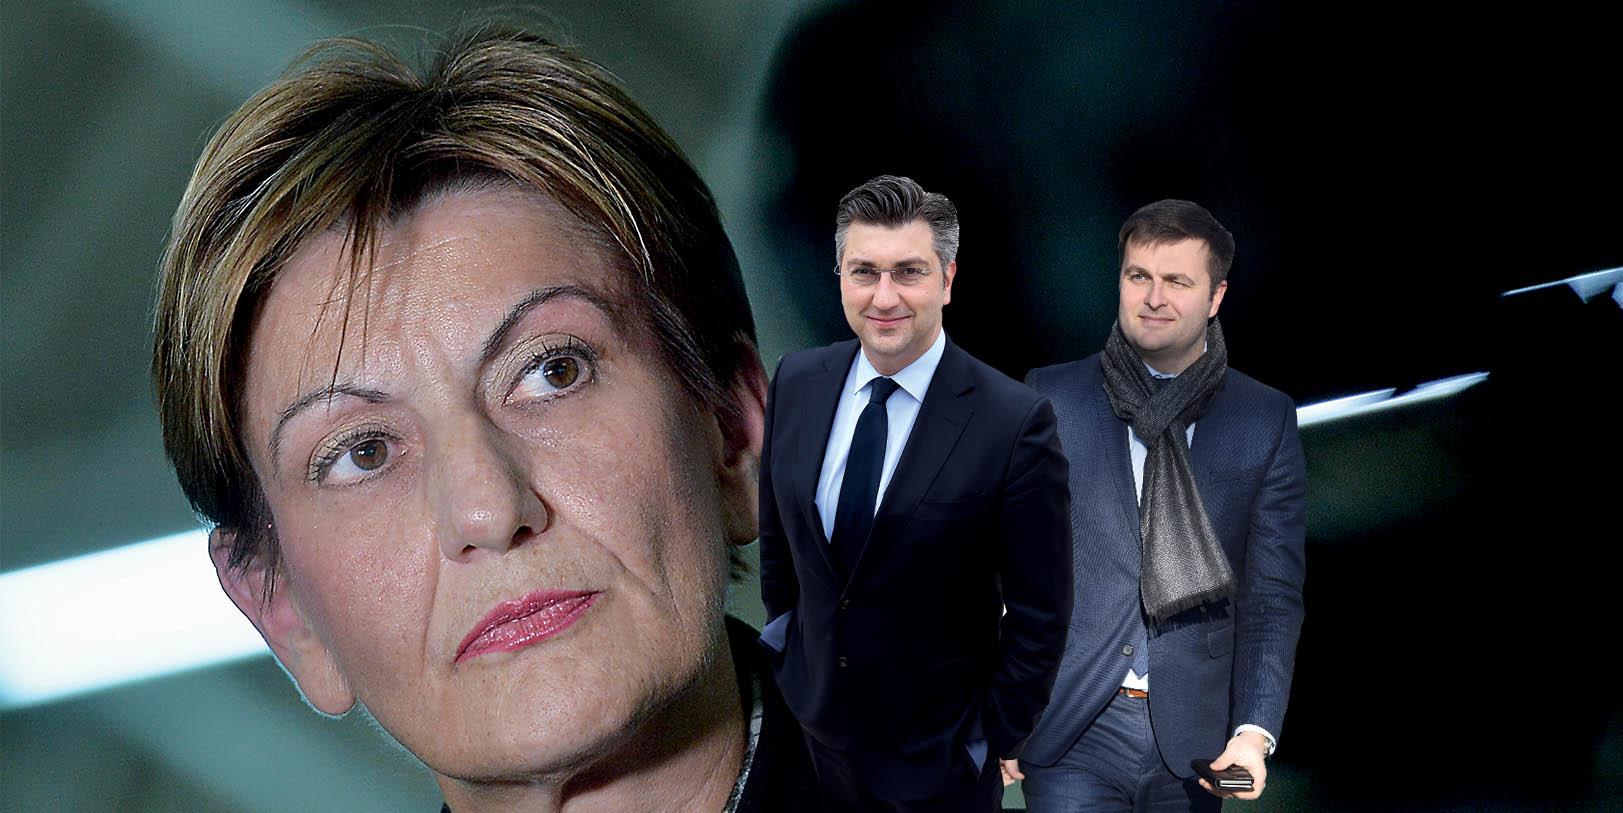 EKSKLUZIVNO Što su Dalić i Ćorić radili na sastanku s predstavnicima MOL-a